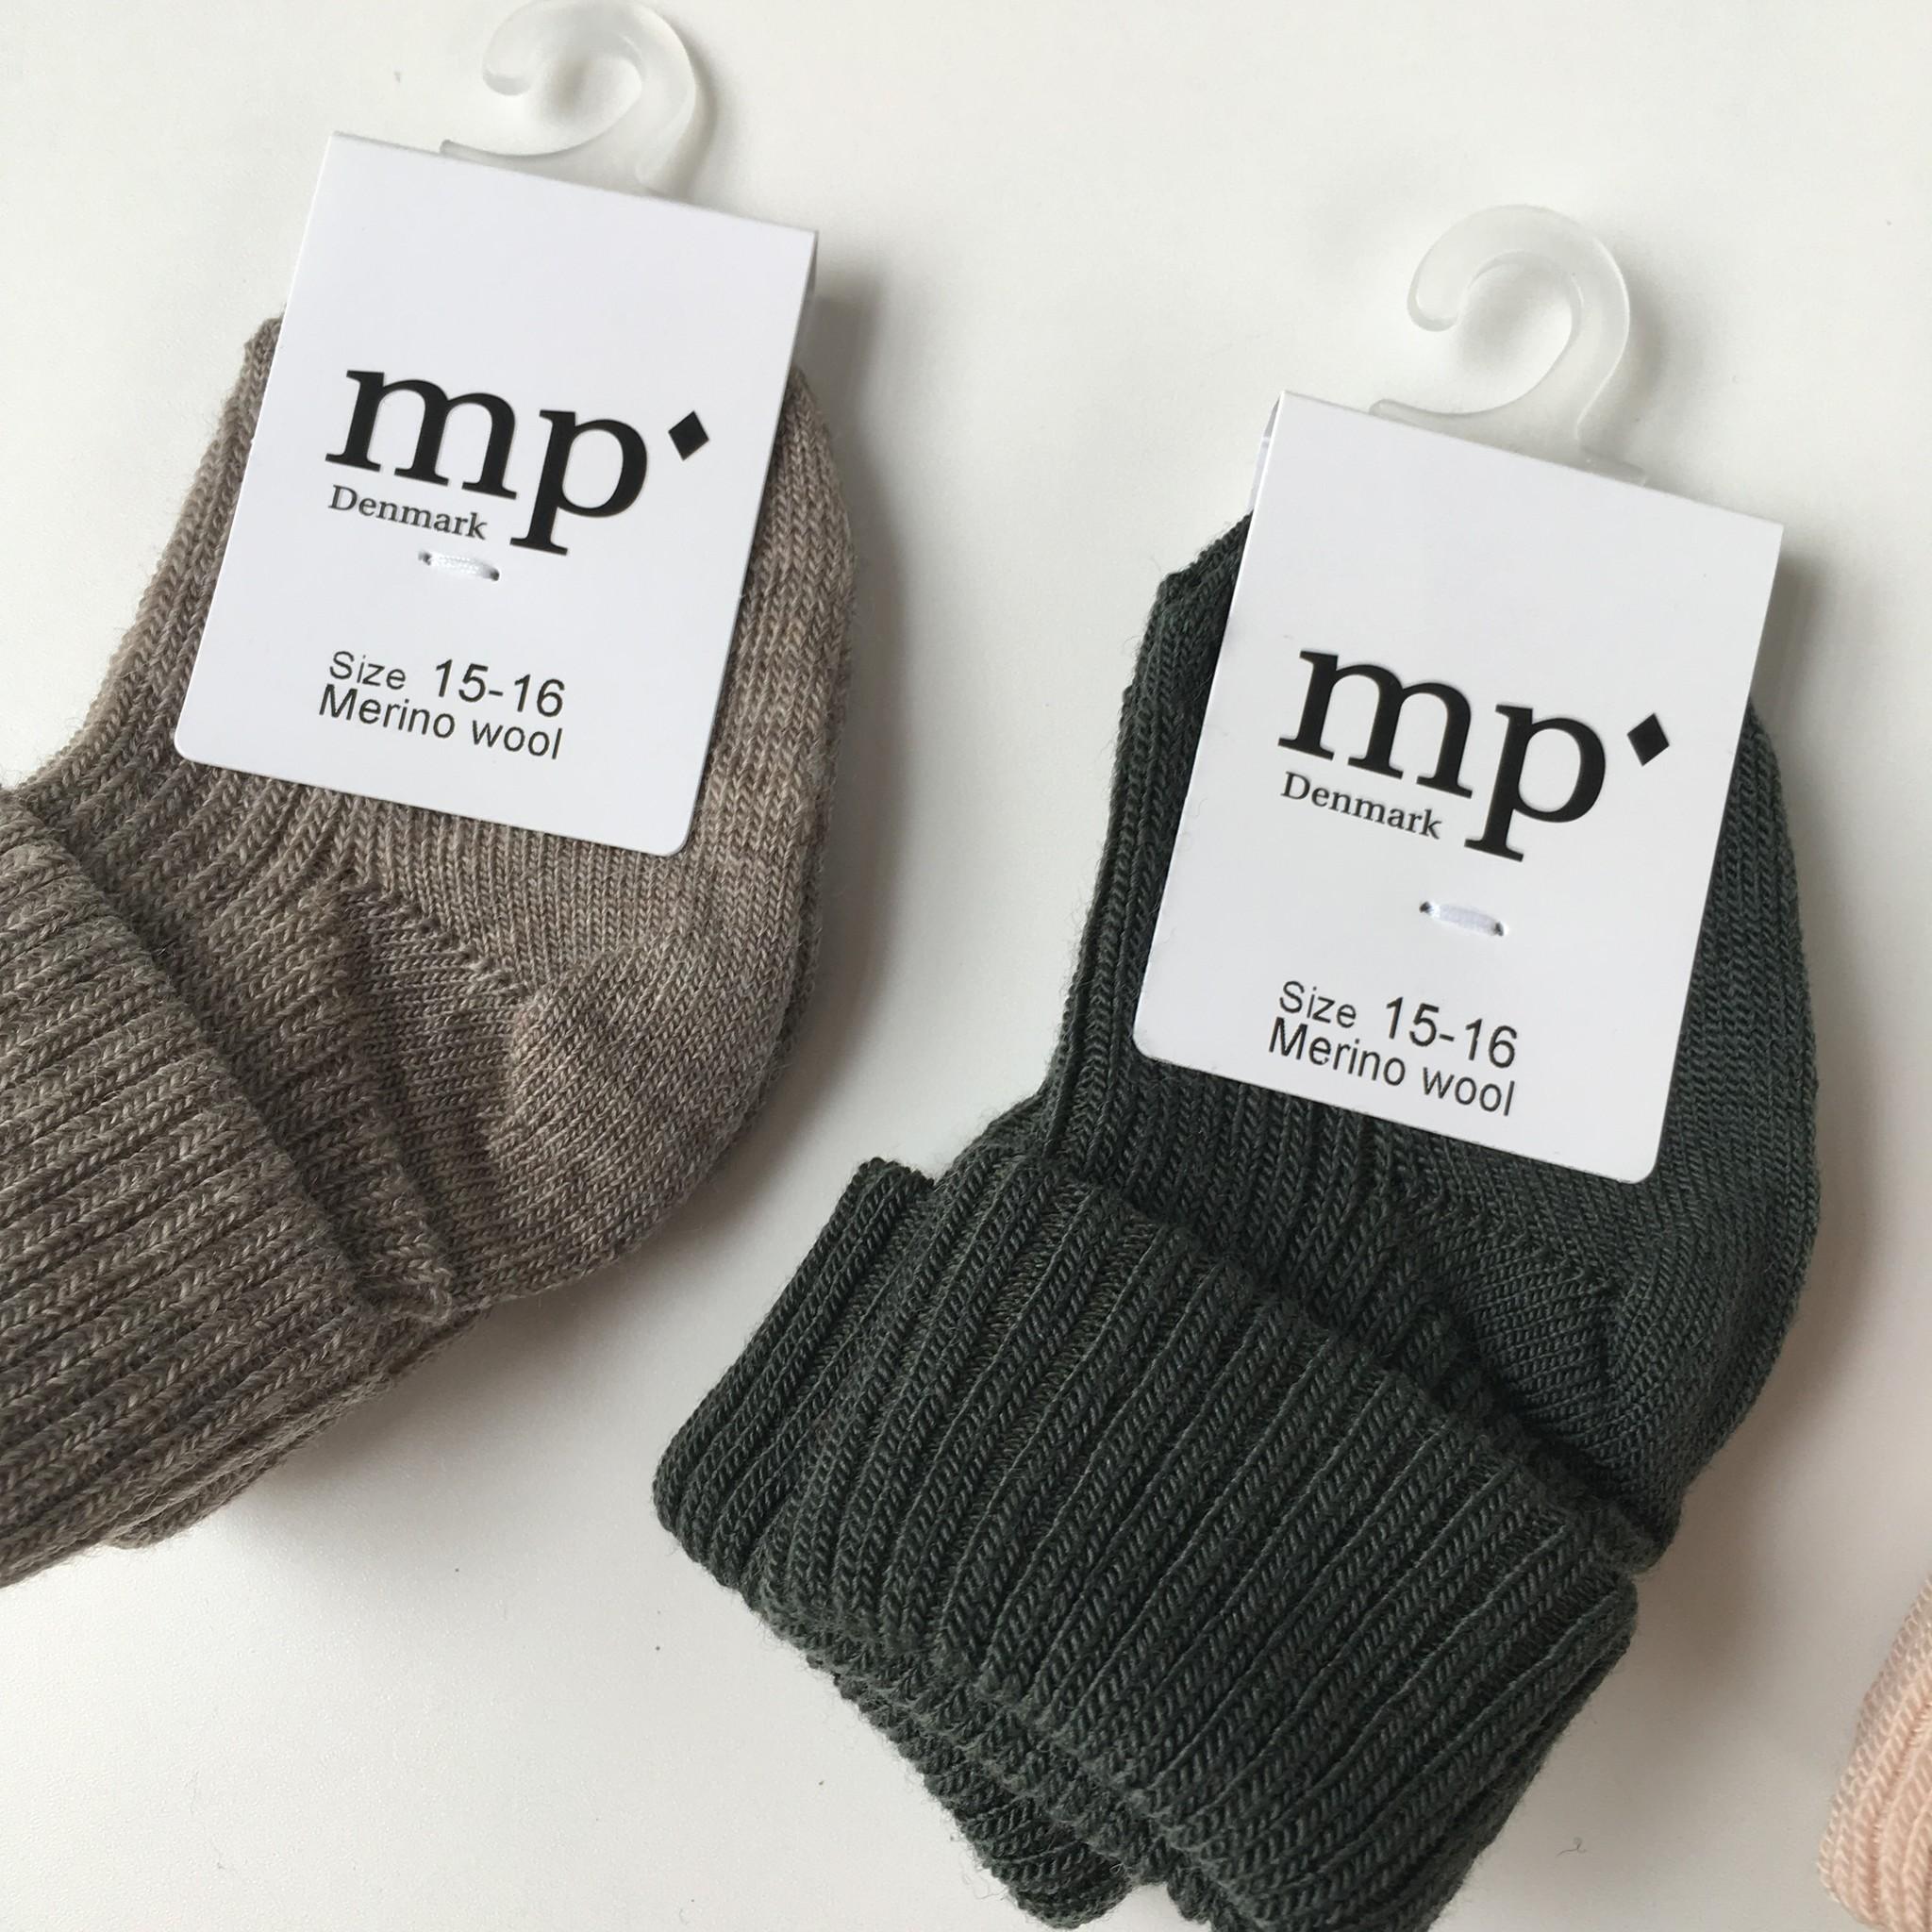 MP Denmark woolen knee socks - 80% merino wool - green - size 15 to 32